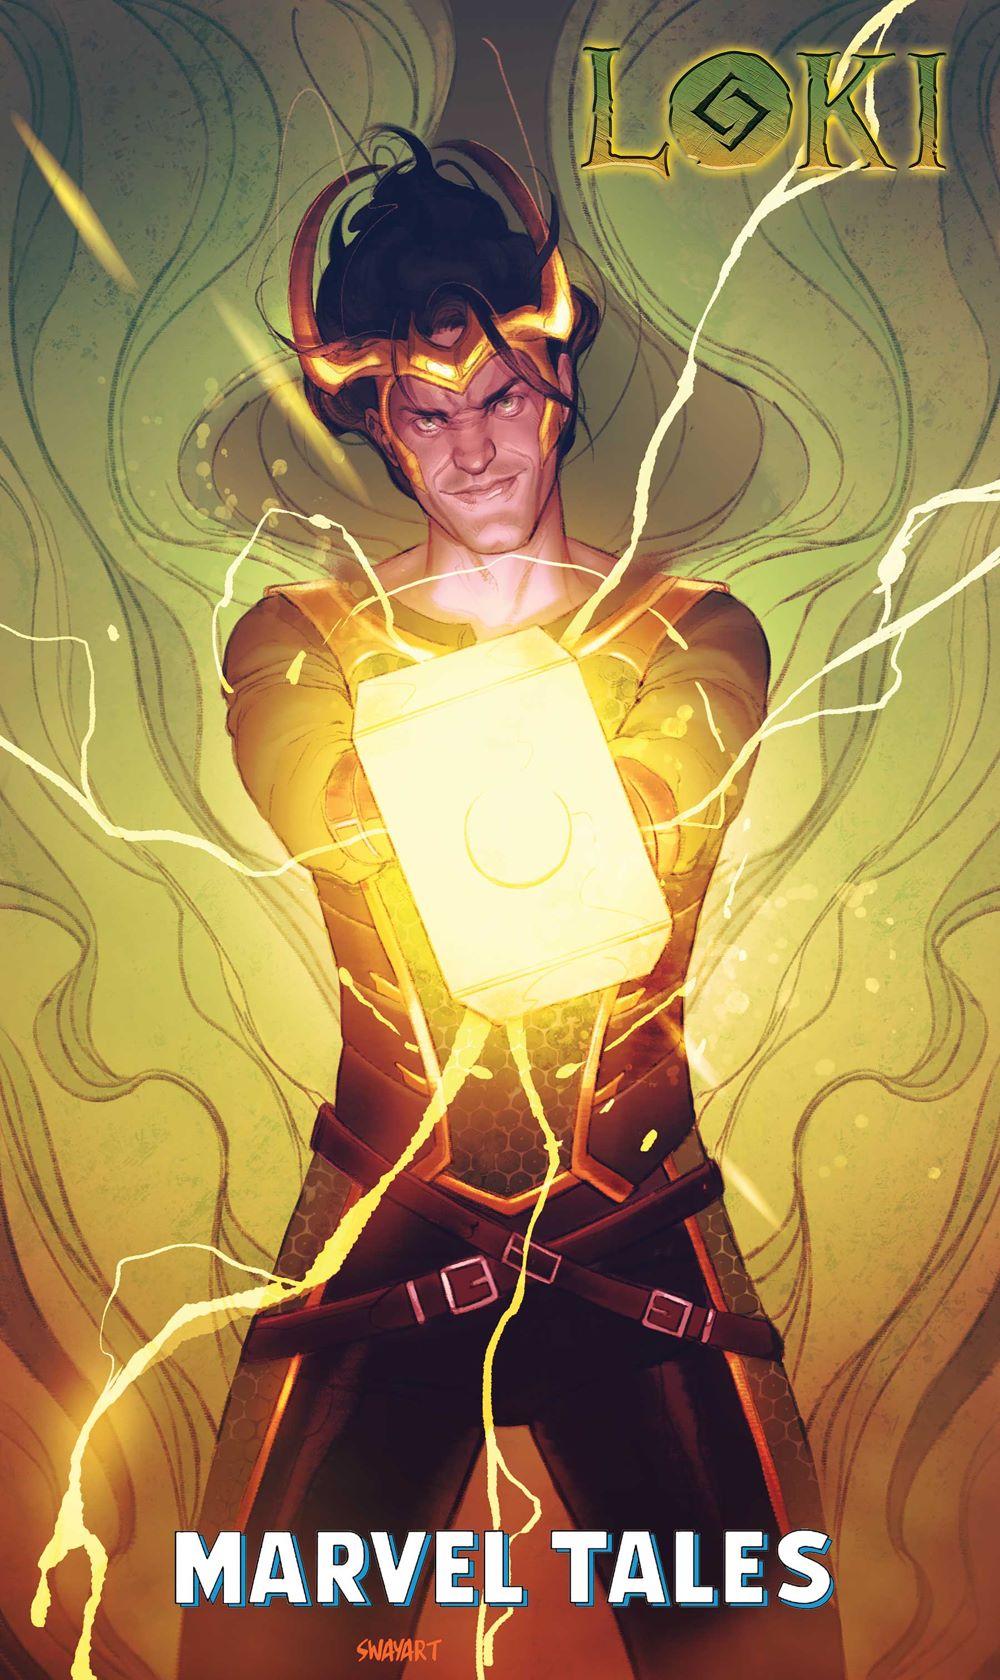 MTLOKI2021001_COV Marvel Comics June 2021 Solicitations